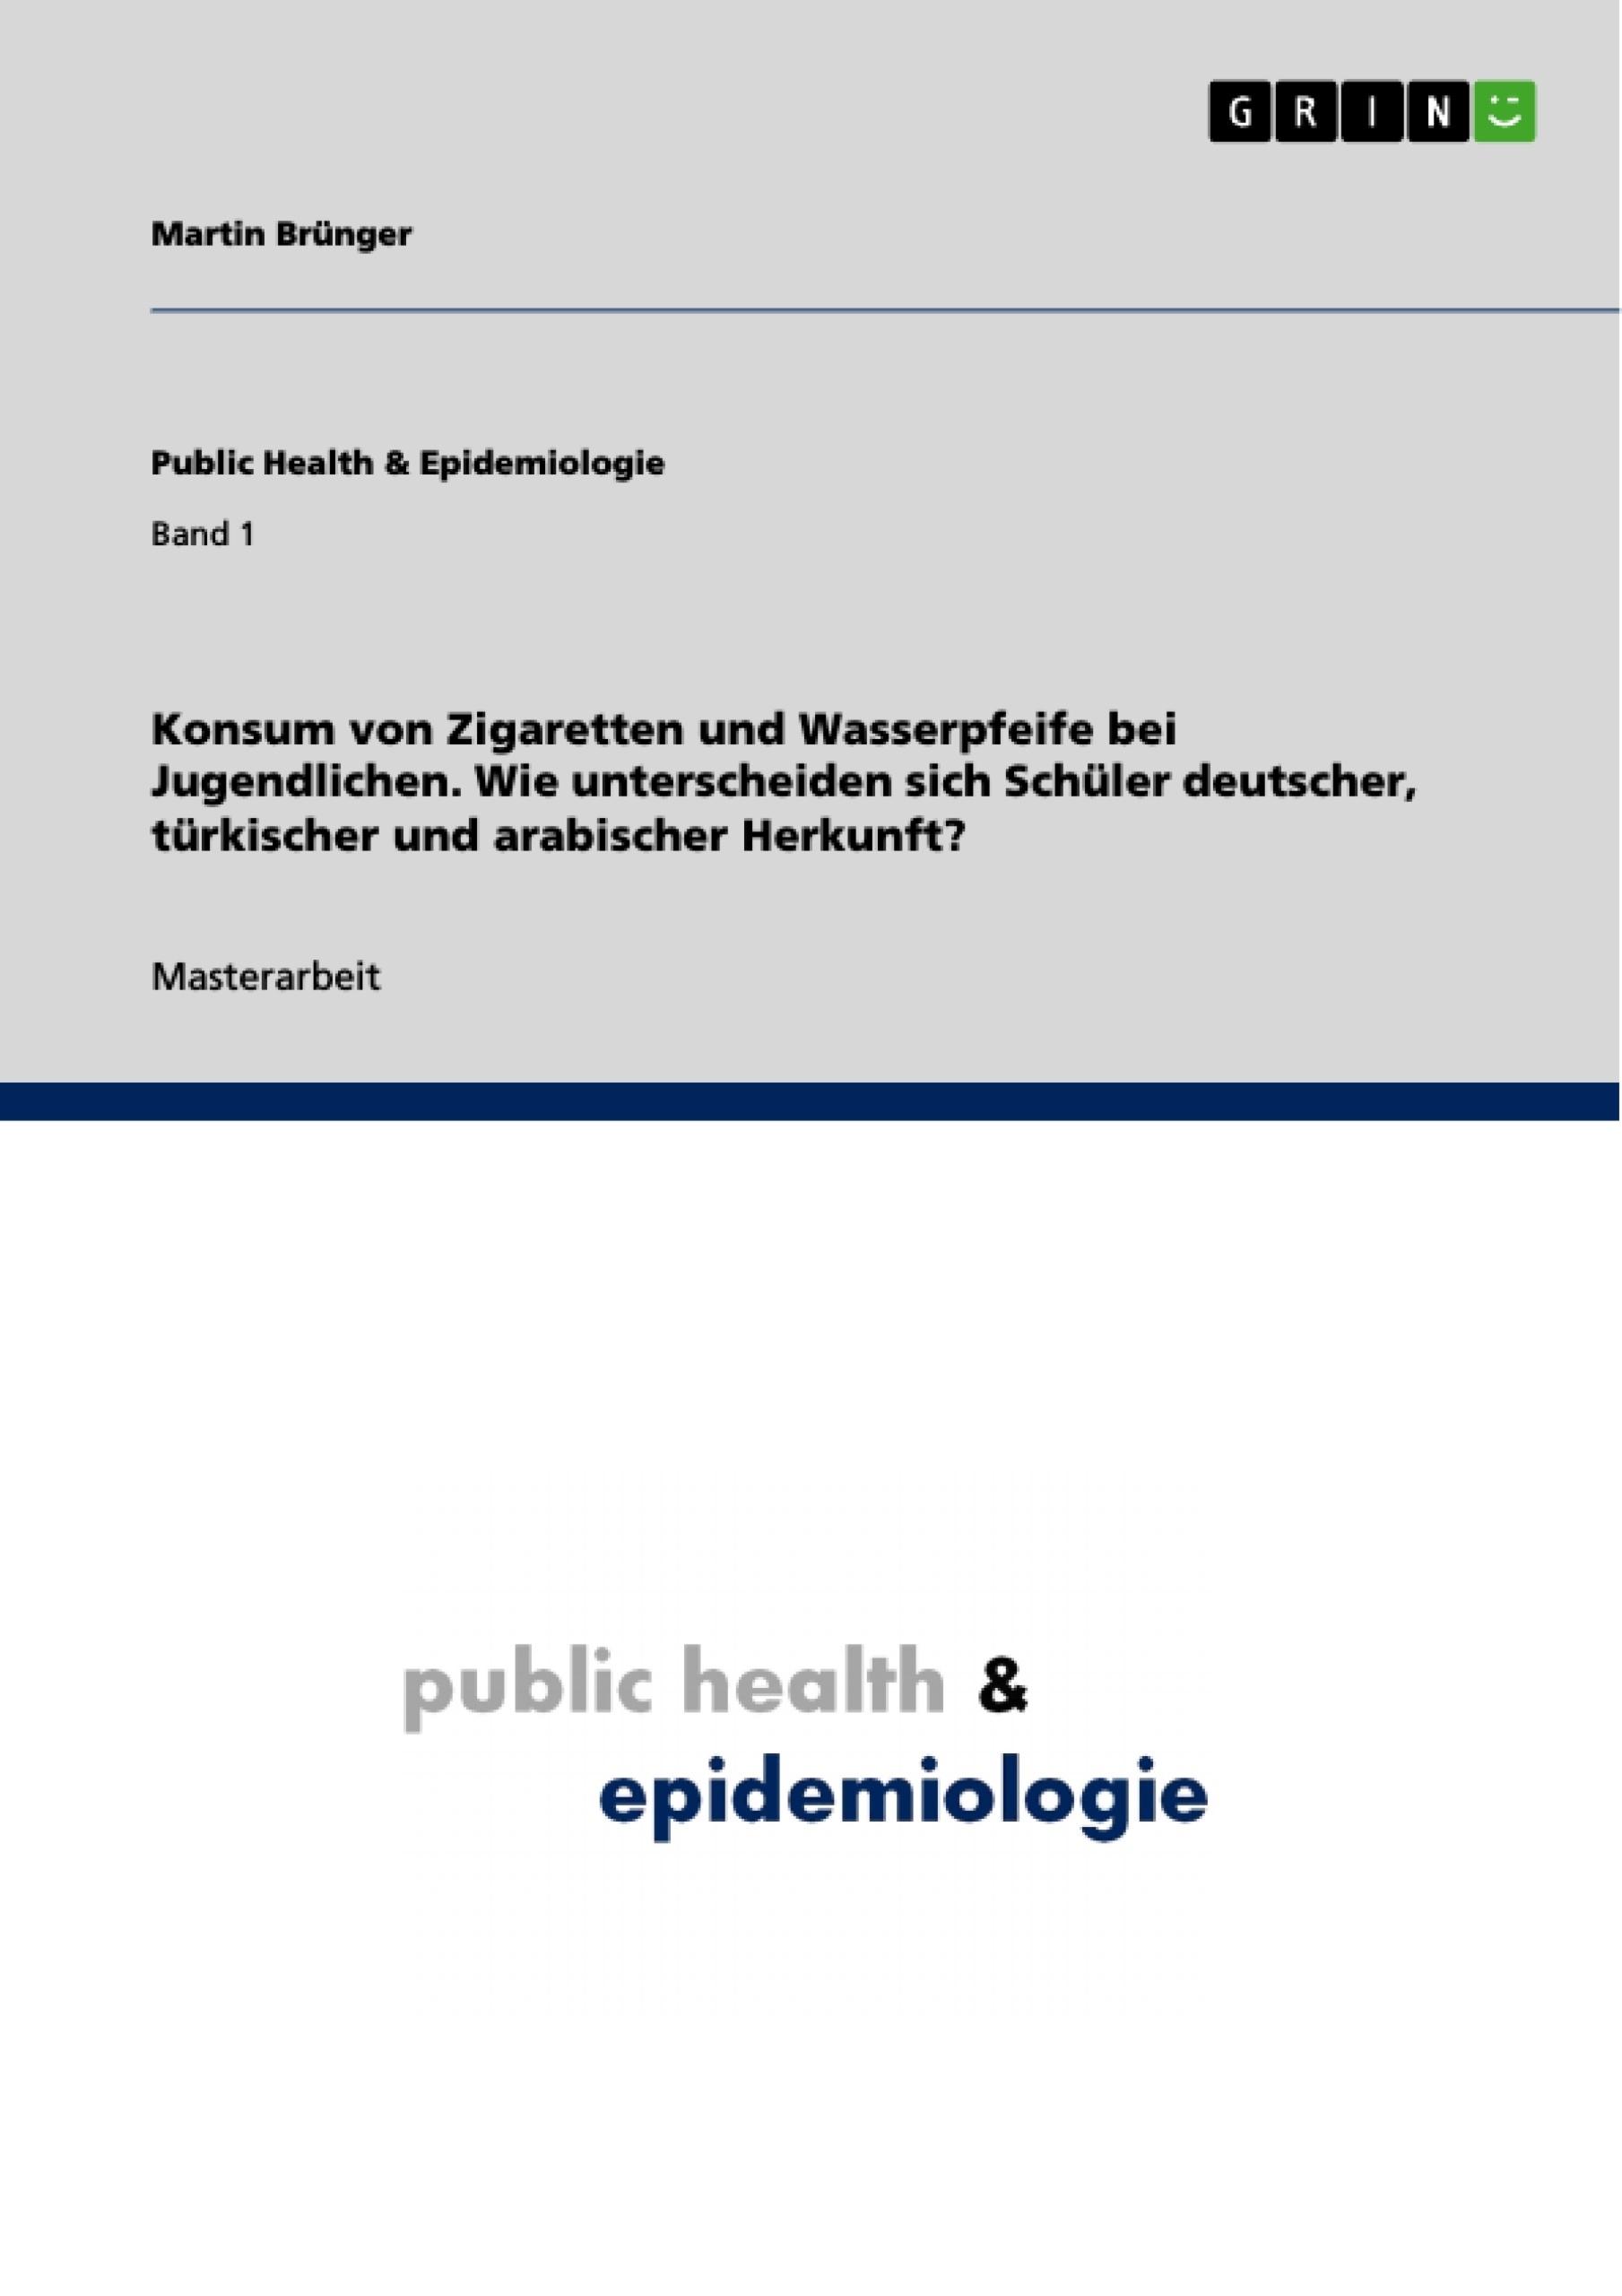 Titel: Konsum von Zigaretten und Wasserpfeife bei Jugendlichen. Wie unterscheiden sich Schüler deutscher, türkischer und arabischer Herkunft?